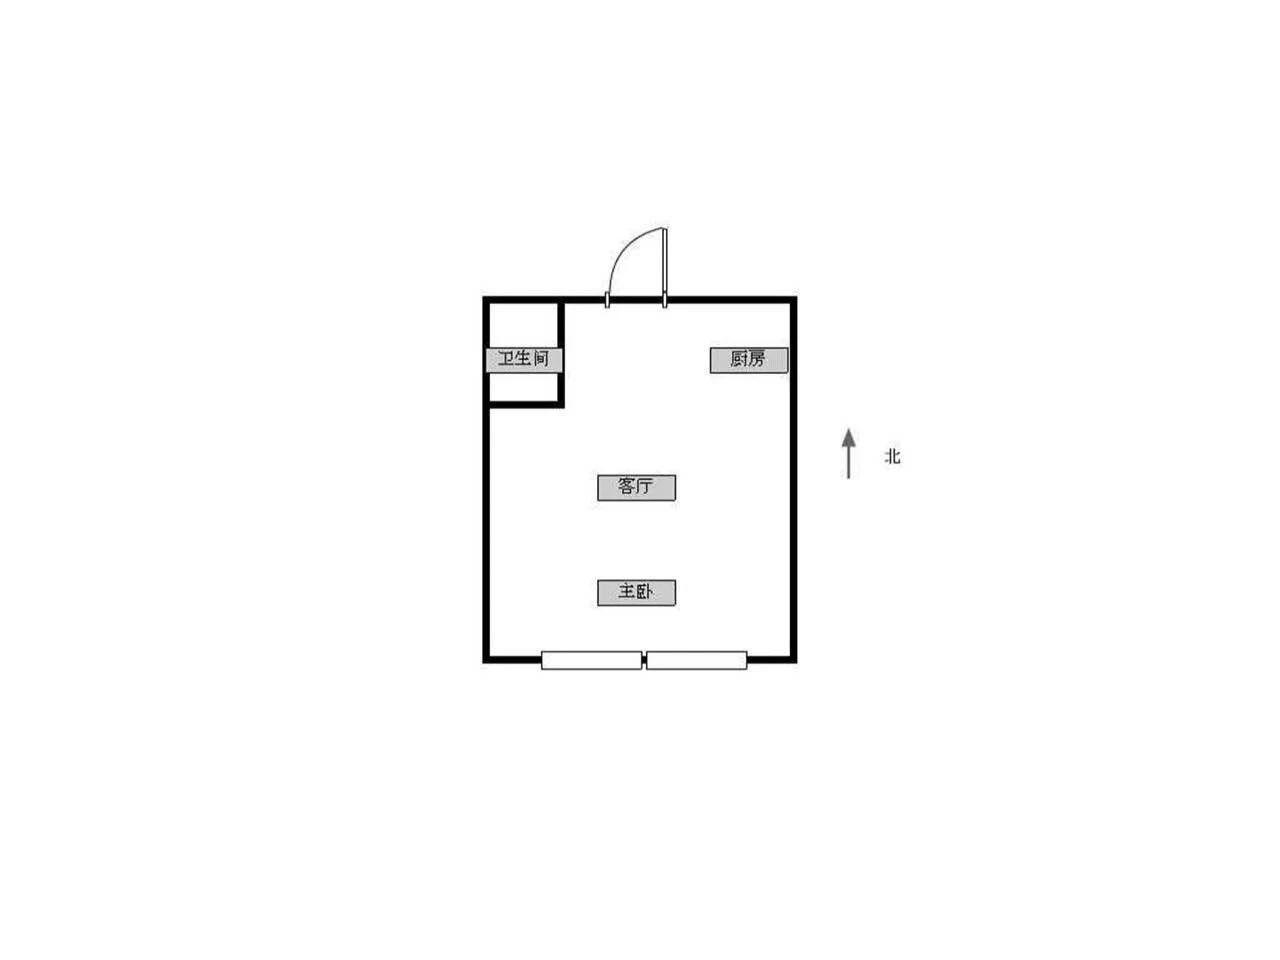 浦口区高新易创园1室1厅户型图